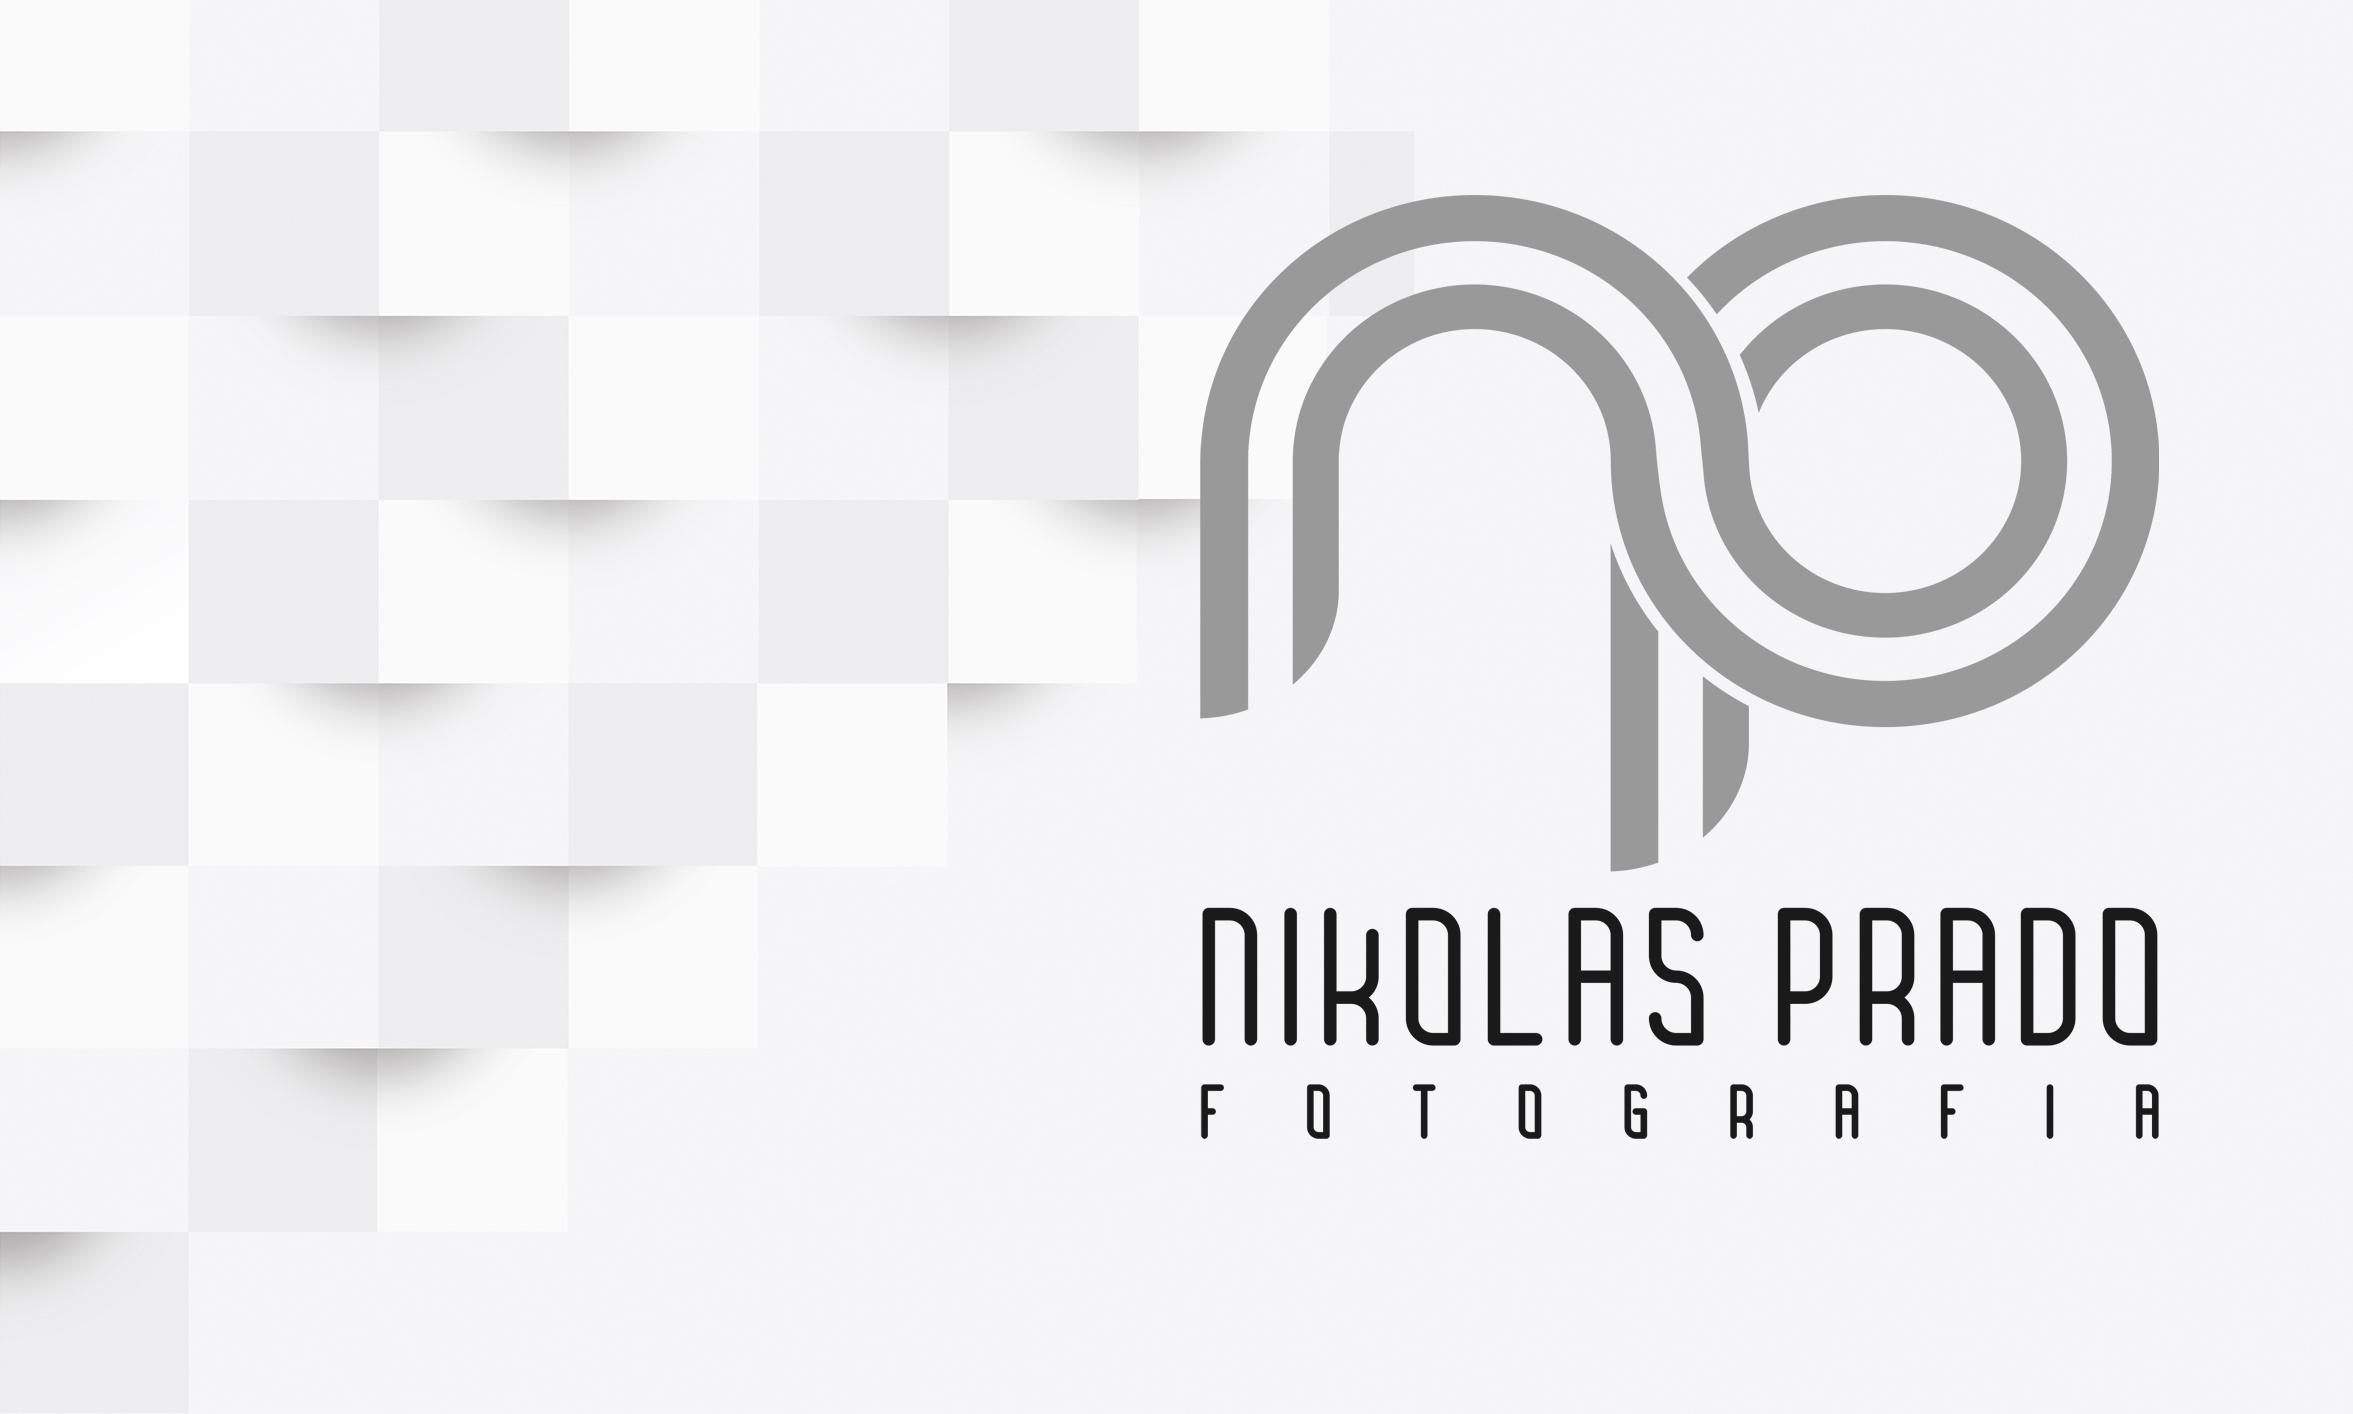 Contate Nikolas Prado fotógrafo de casamento, 15 anos e infantil